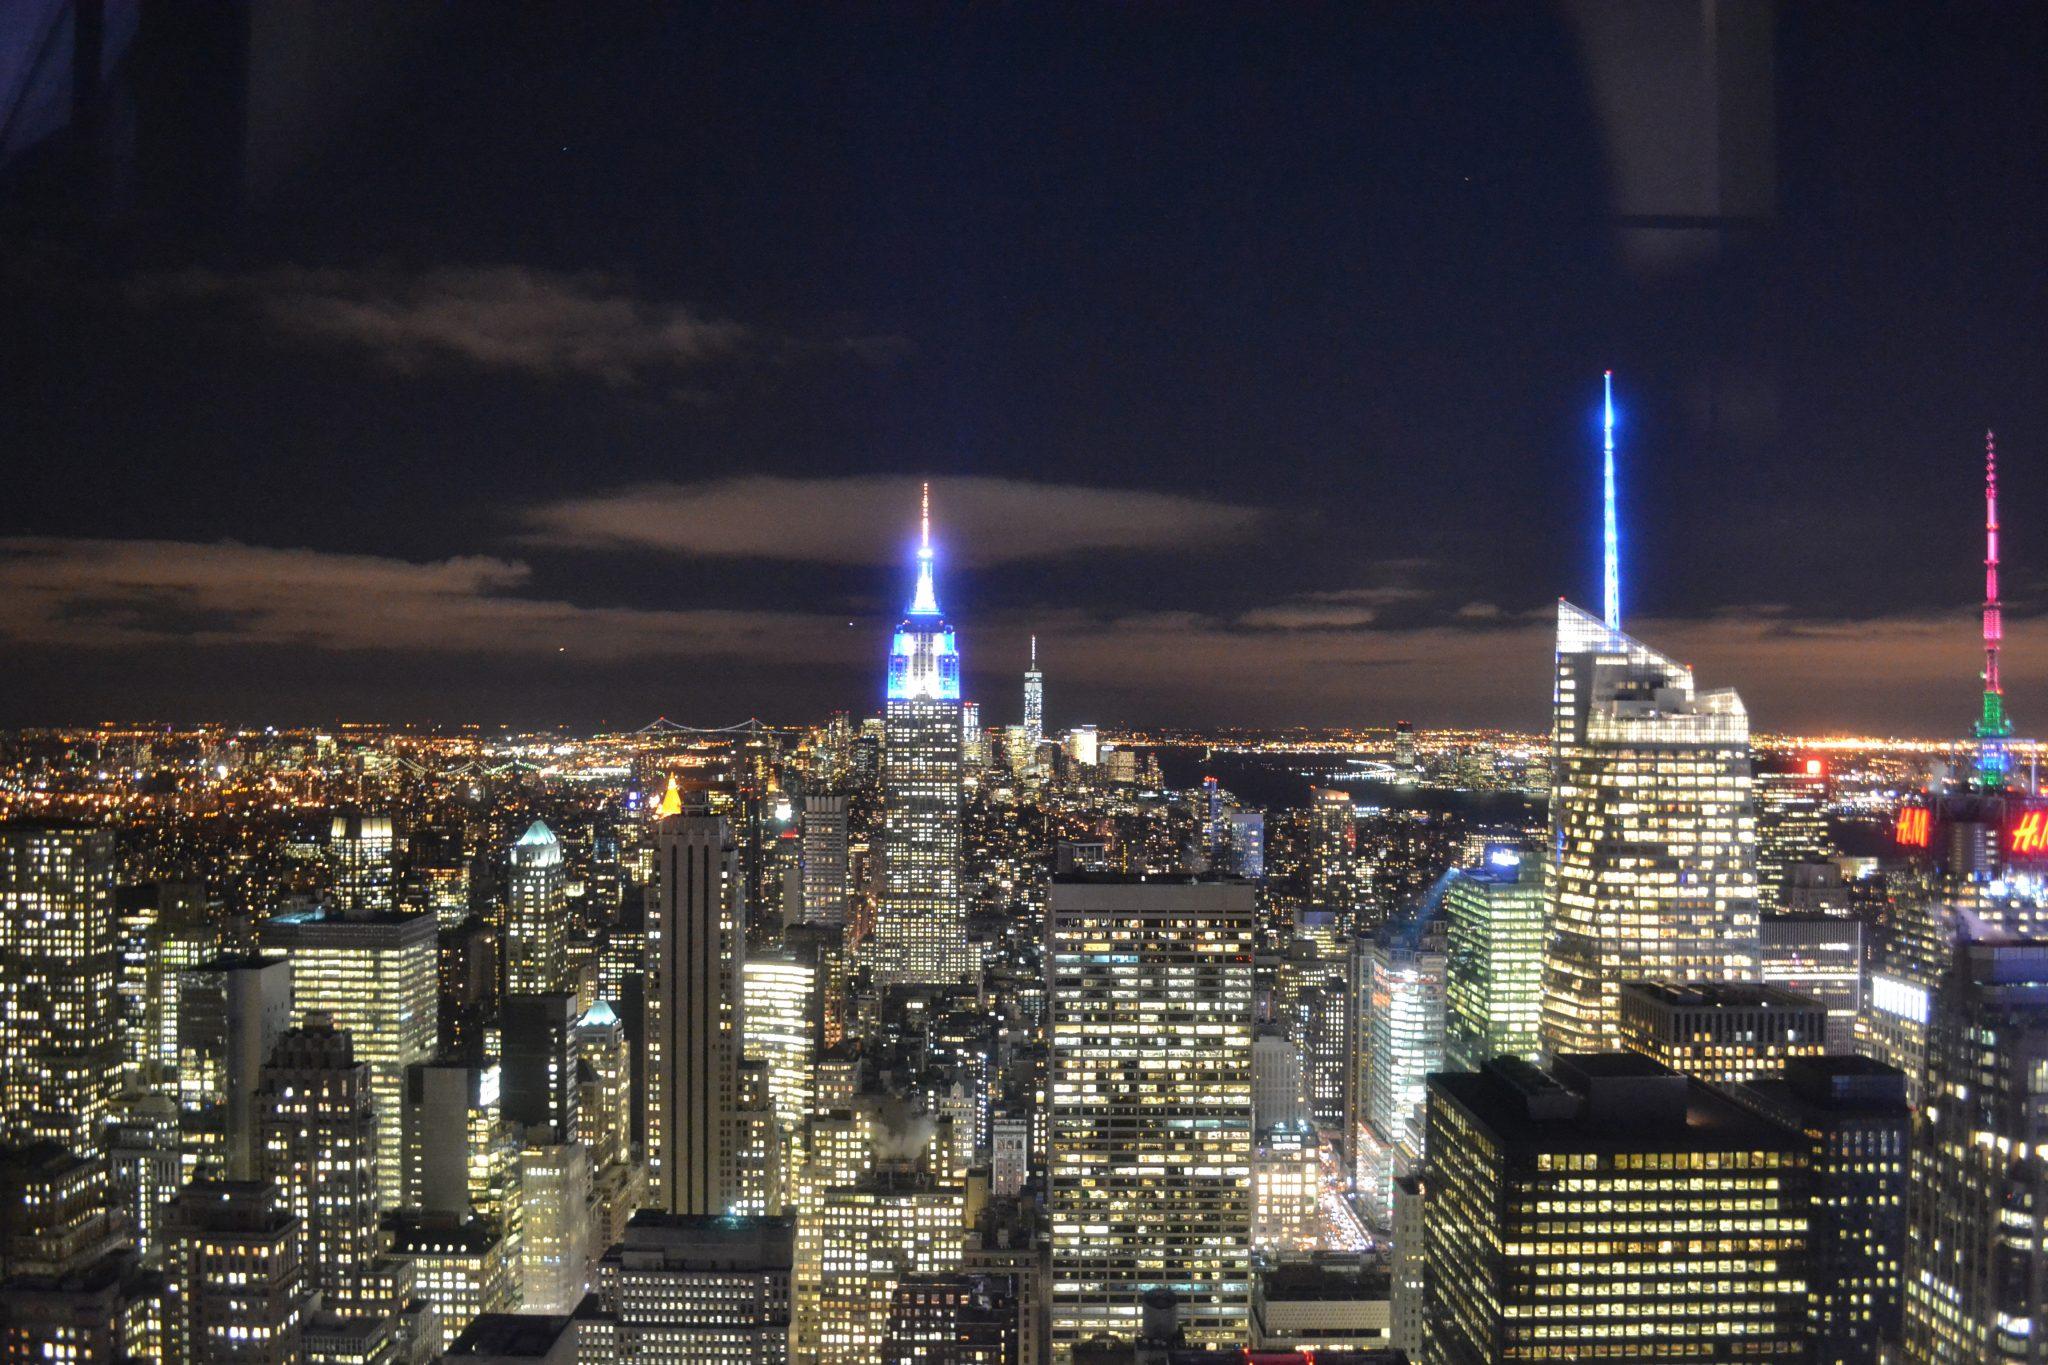 Eine Woche in New York: Rockefeller Center & Empire State Building - dsc 0236